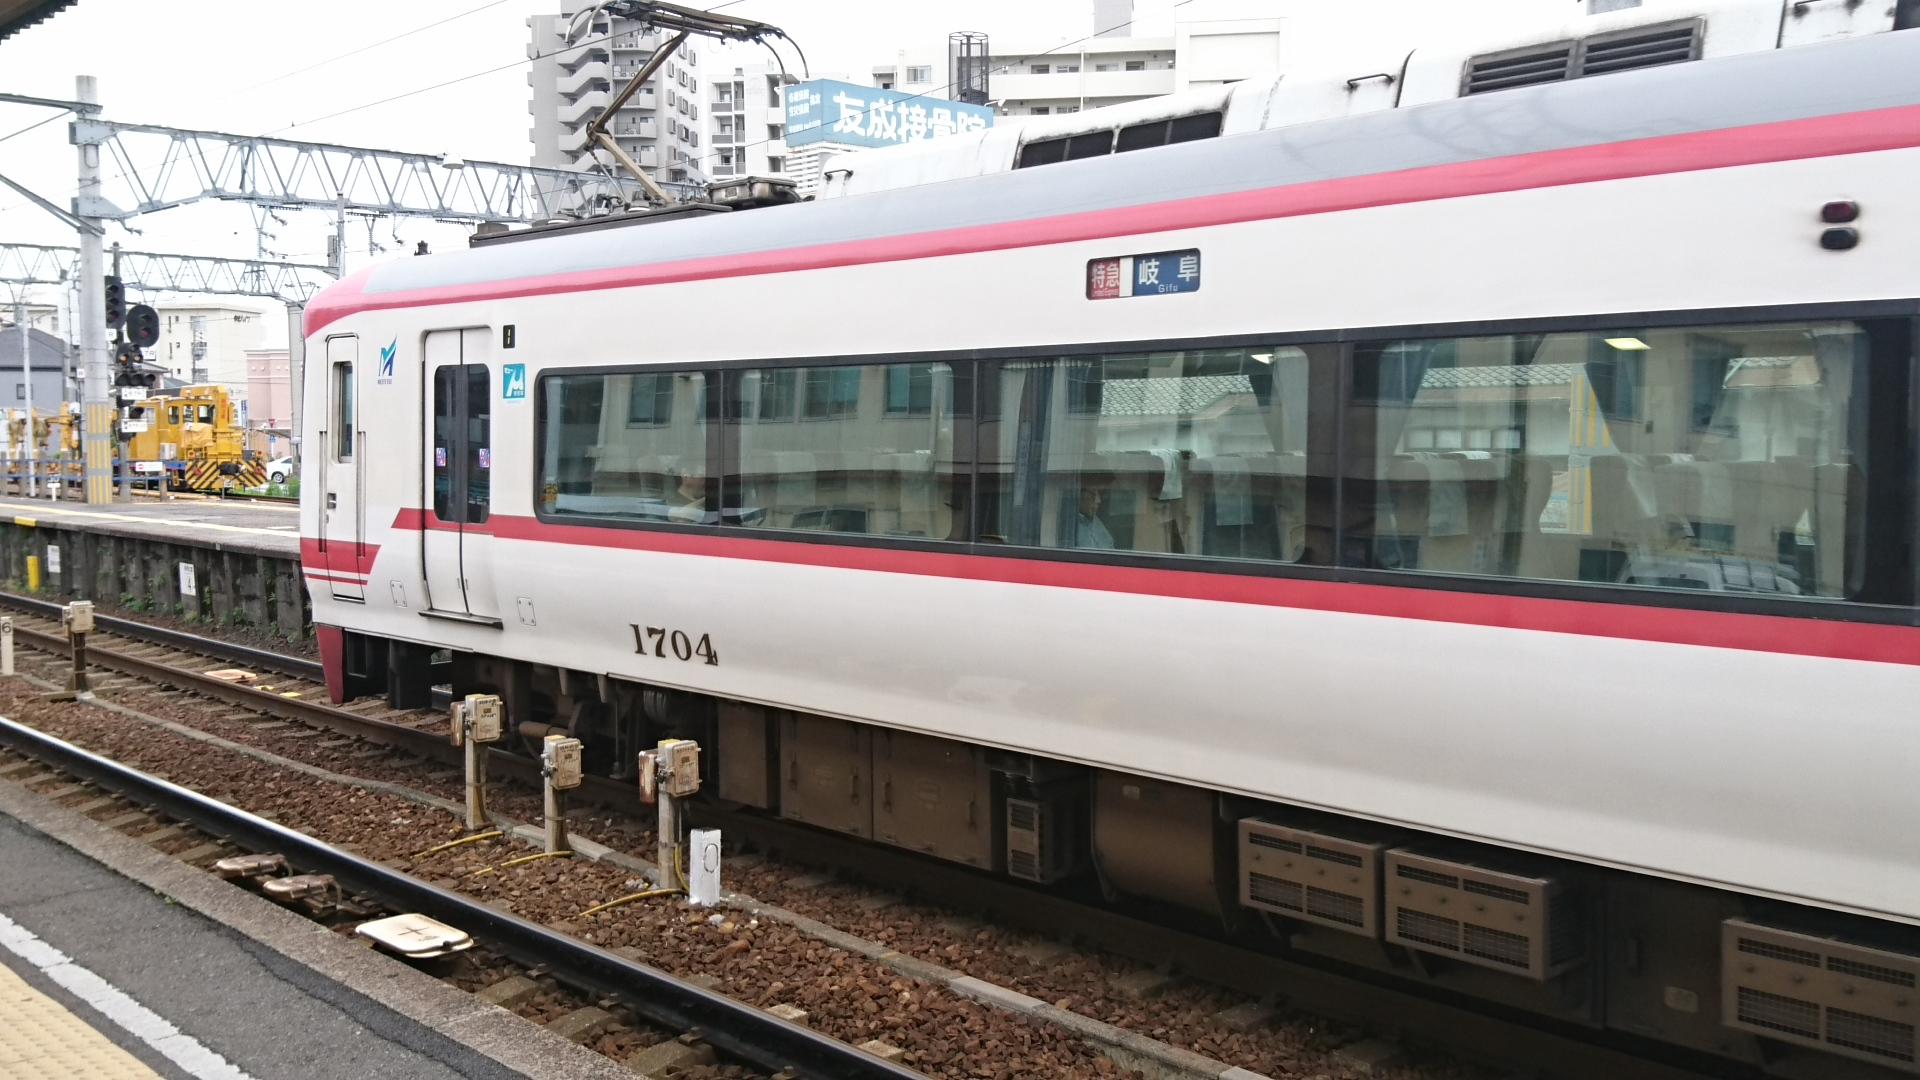 2017.7.9 名鉄 (5) しんあんじょう - 岐阜いき特急 1920-1080